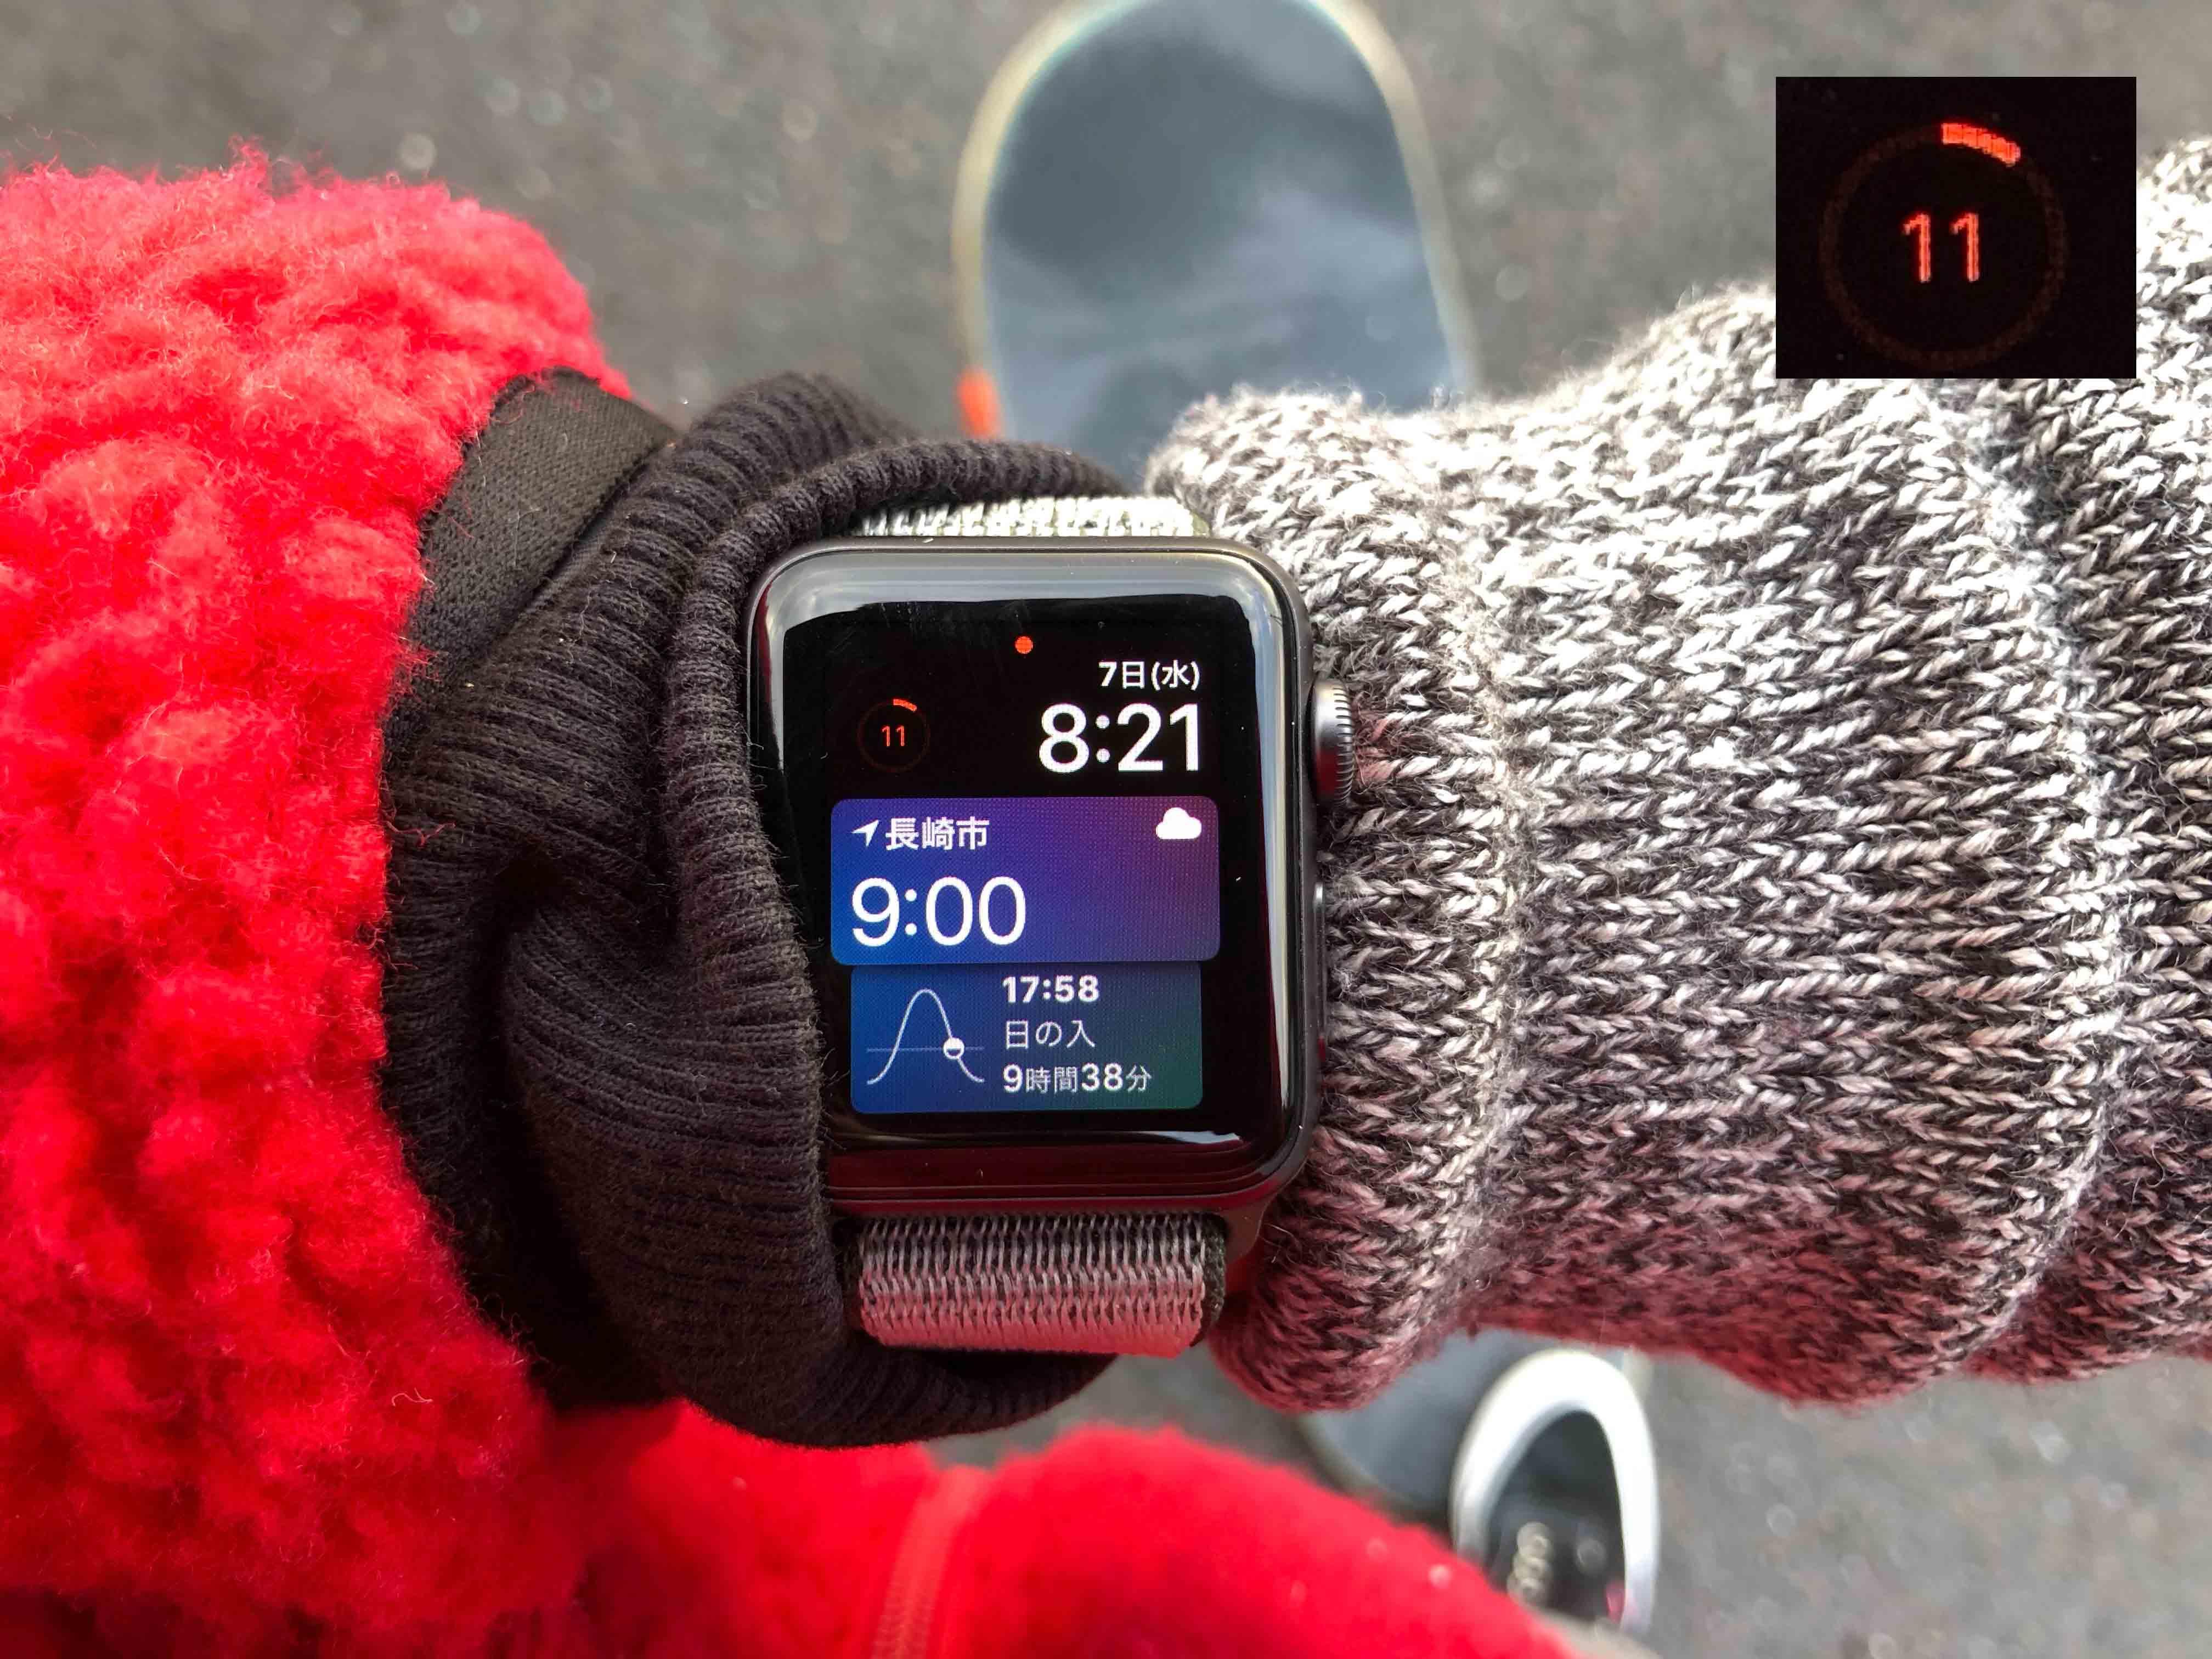 AppleWatchバッテリー11%に関する写真.